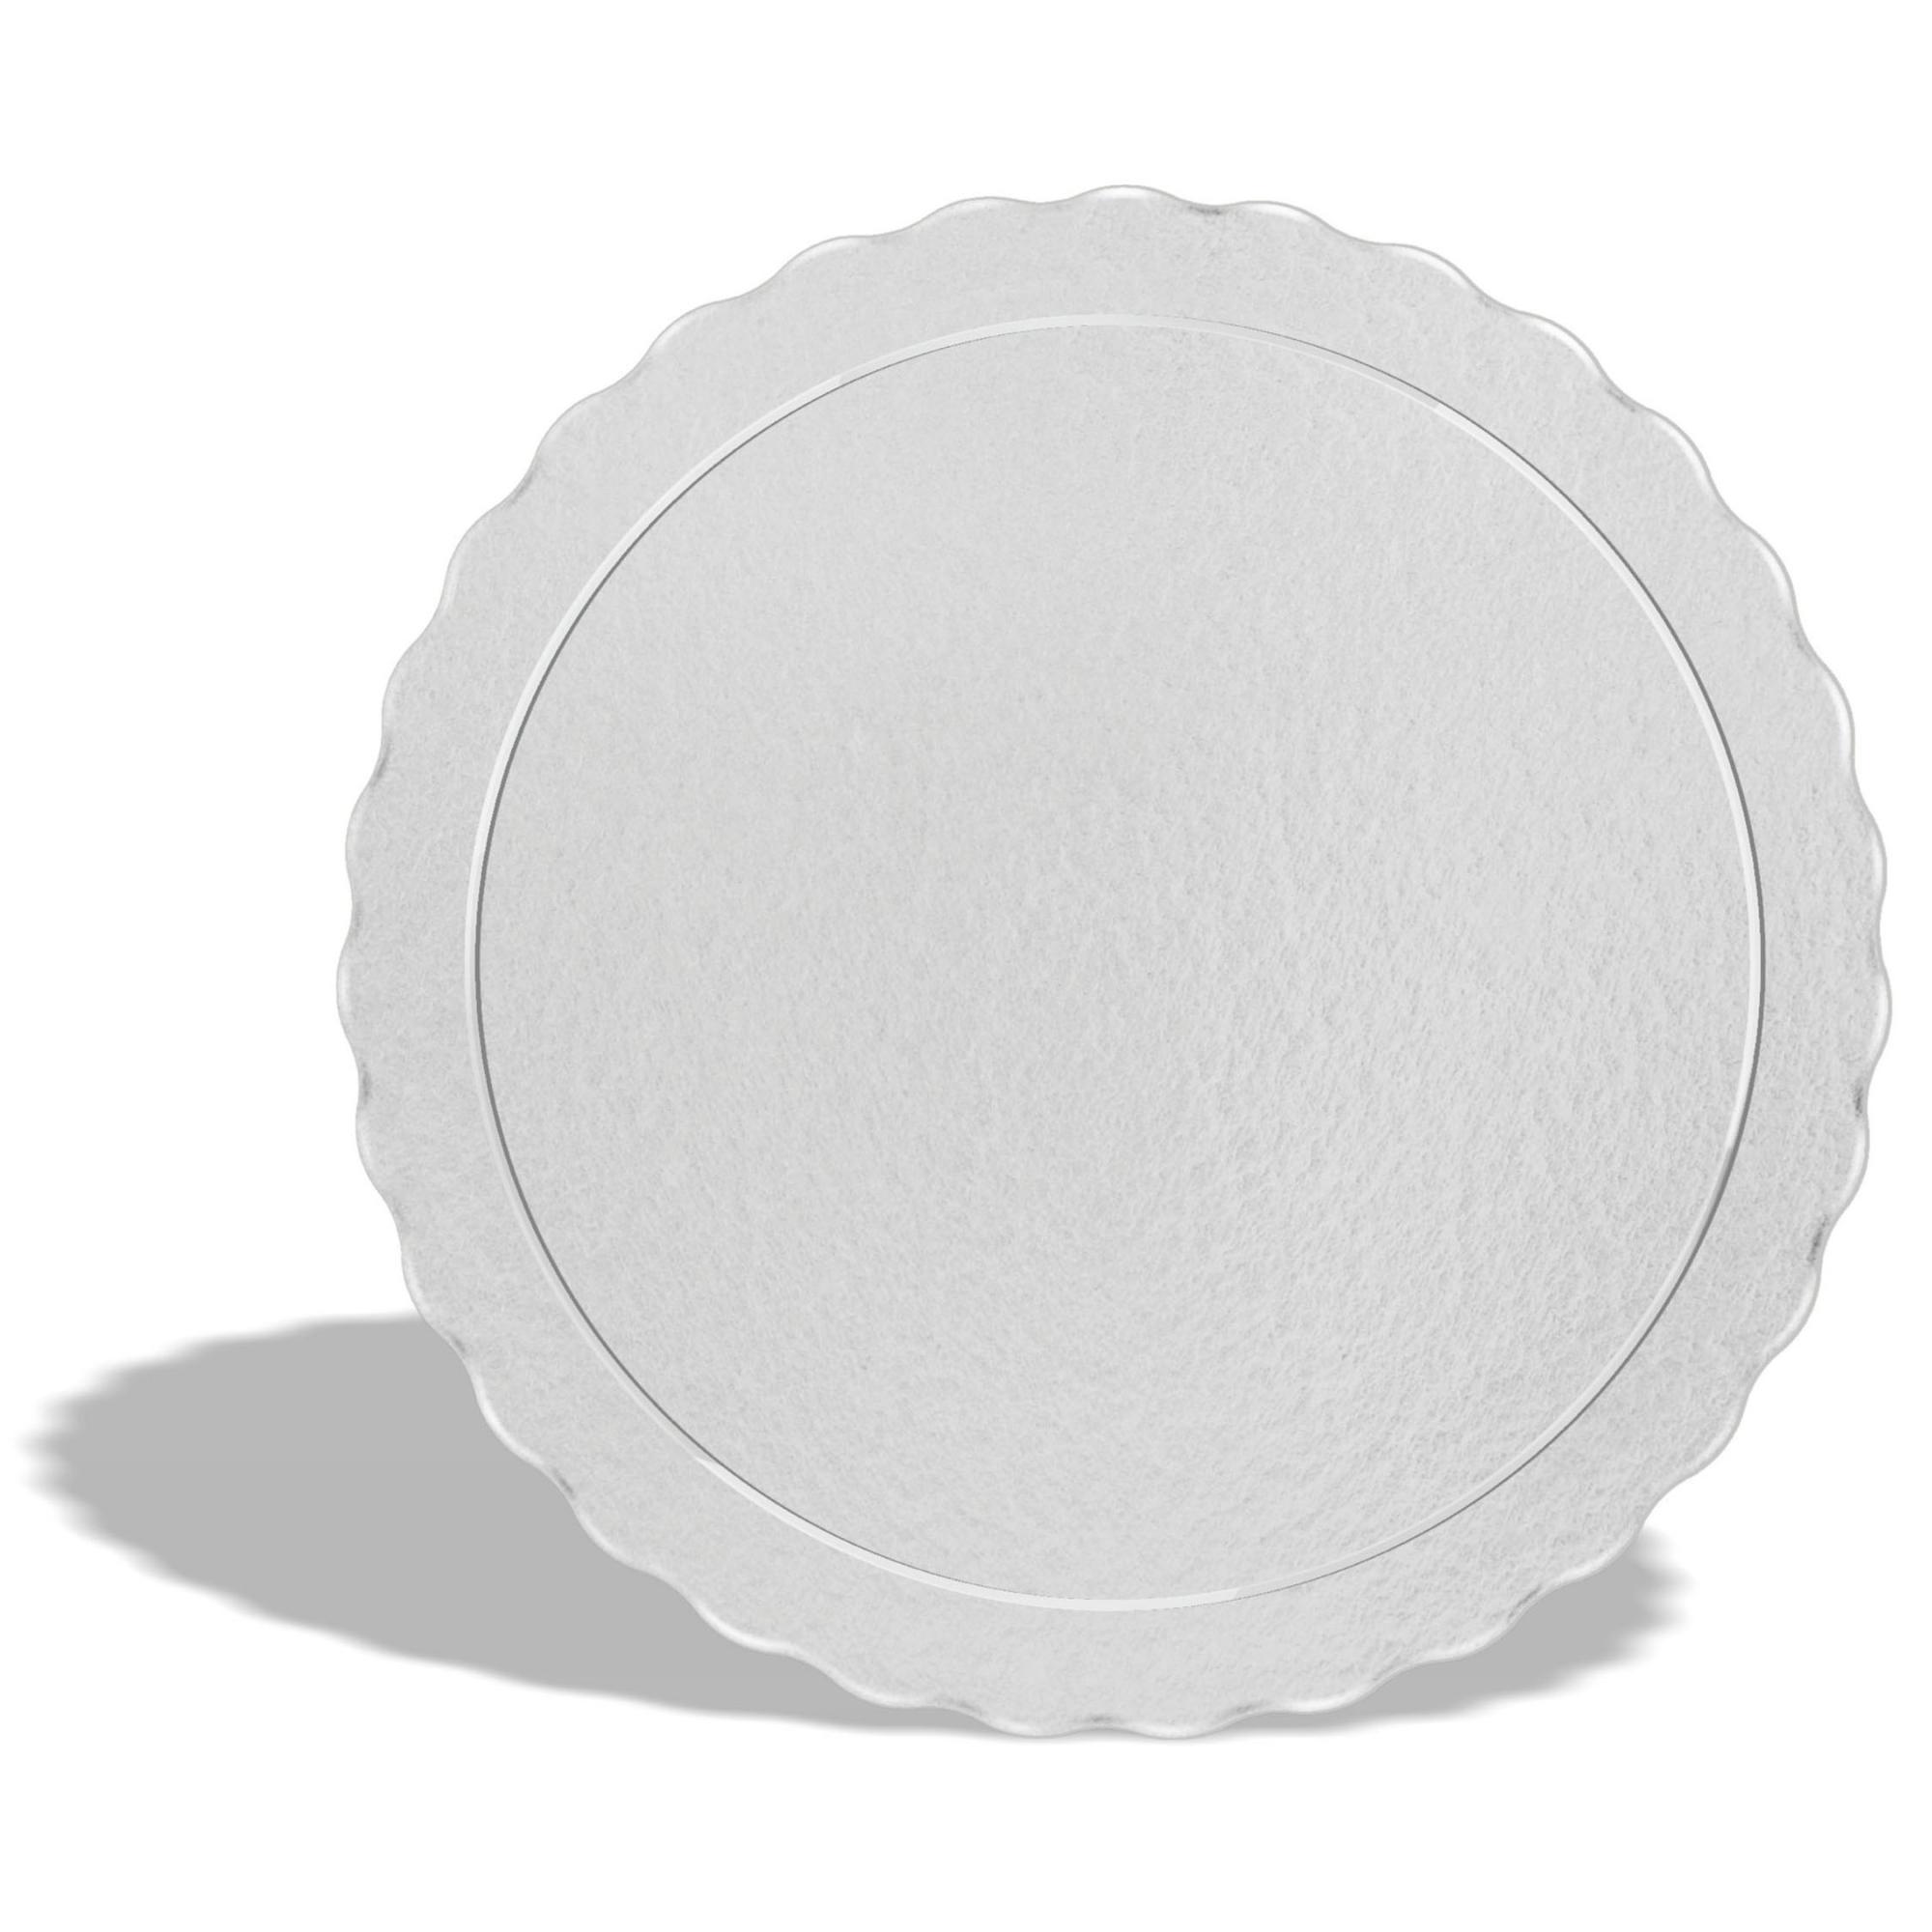 Kit 100 Bases Laminadas Para Bolo, Cake Board, 28 e 32cm - Branco